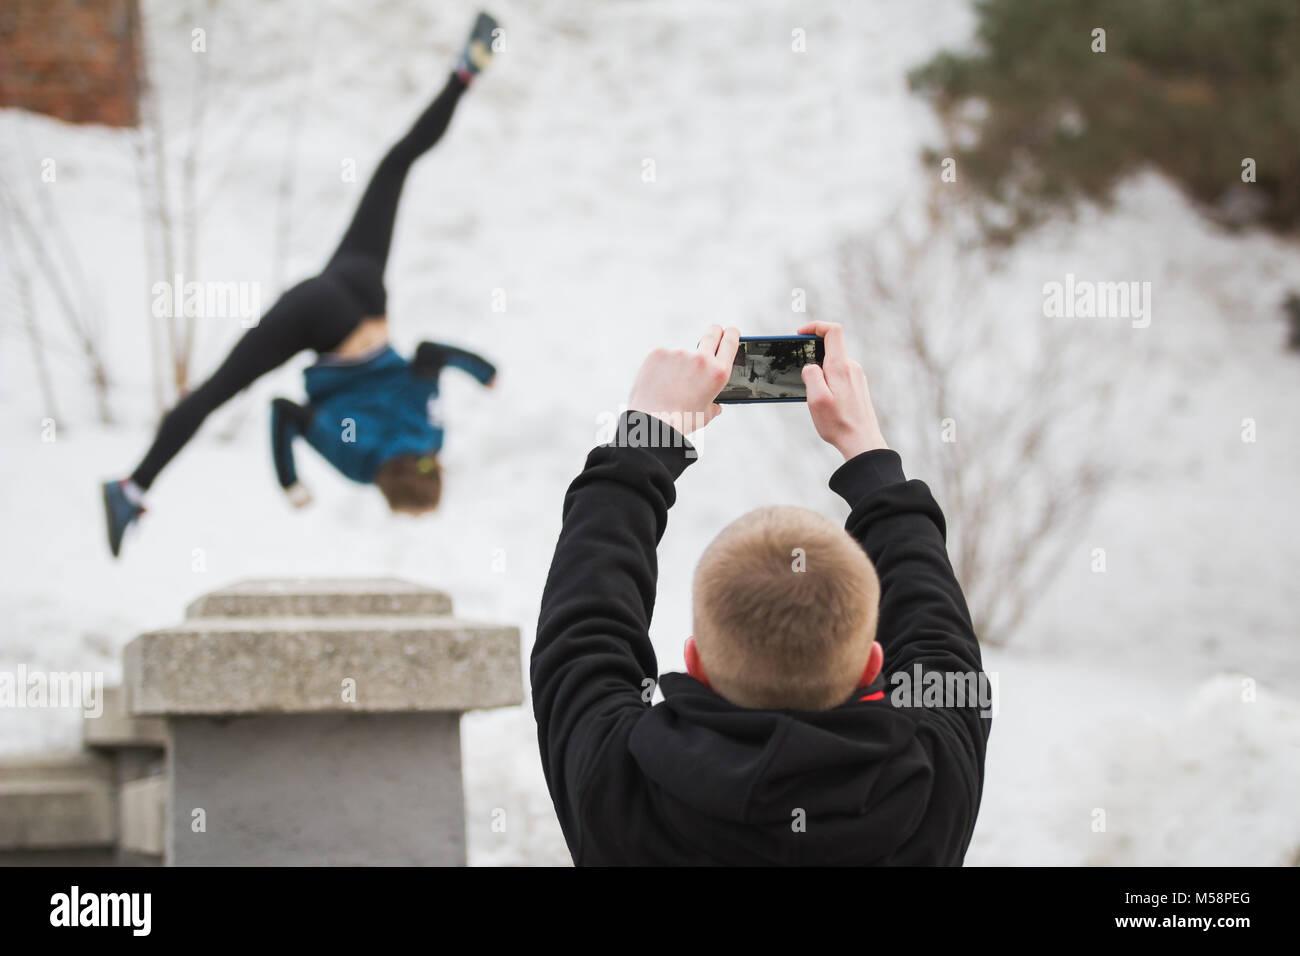 Adolescente hace foto en smartphone de Salto acrobático chica en invierno, el parque de la ciudad - parkour Imagen De Stock